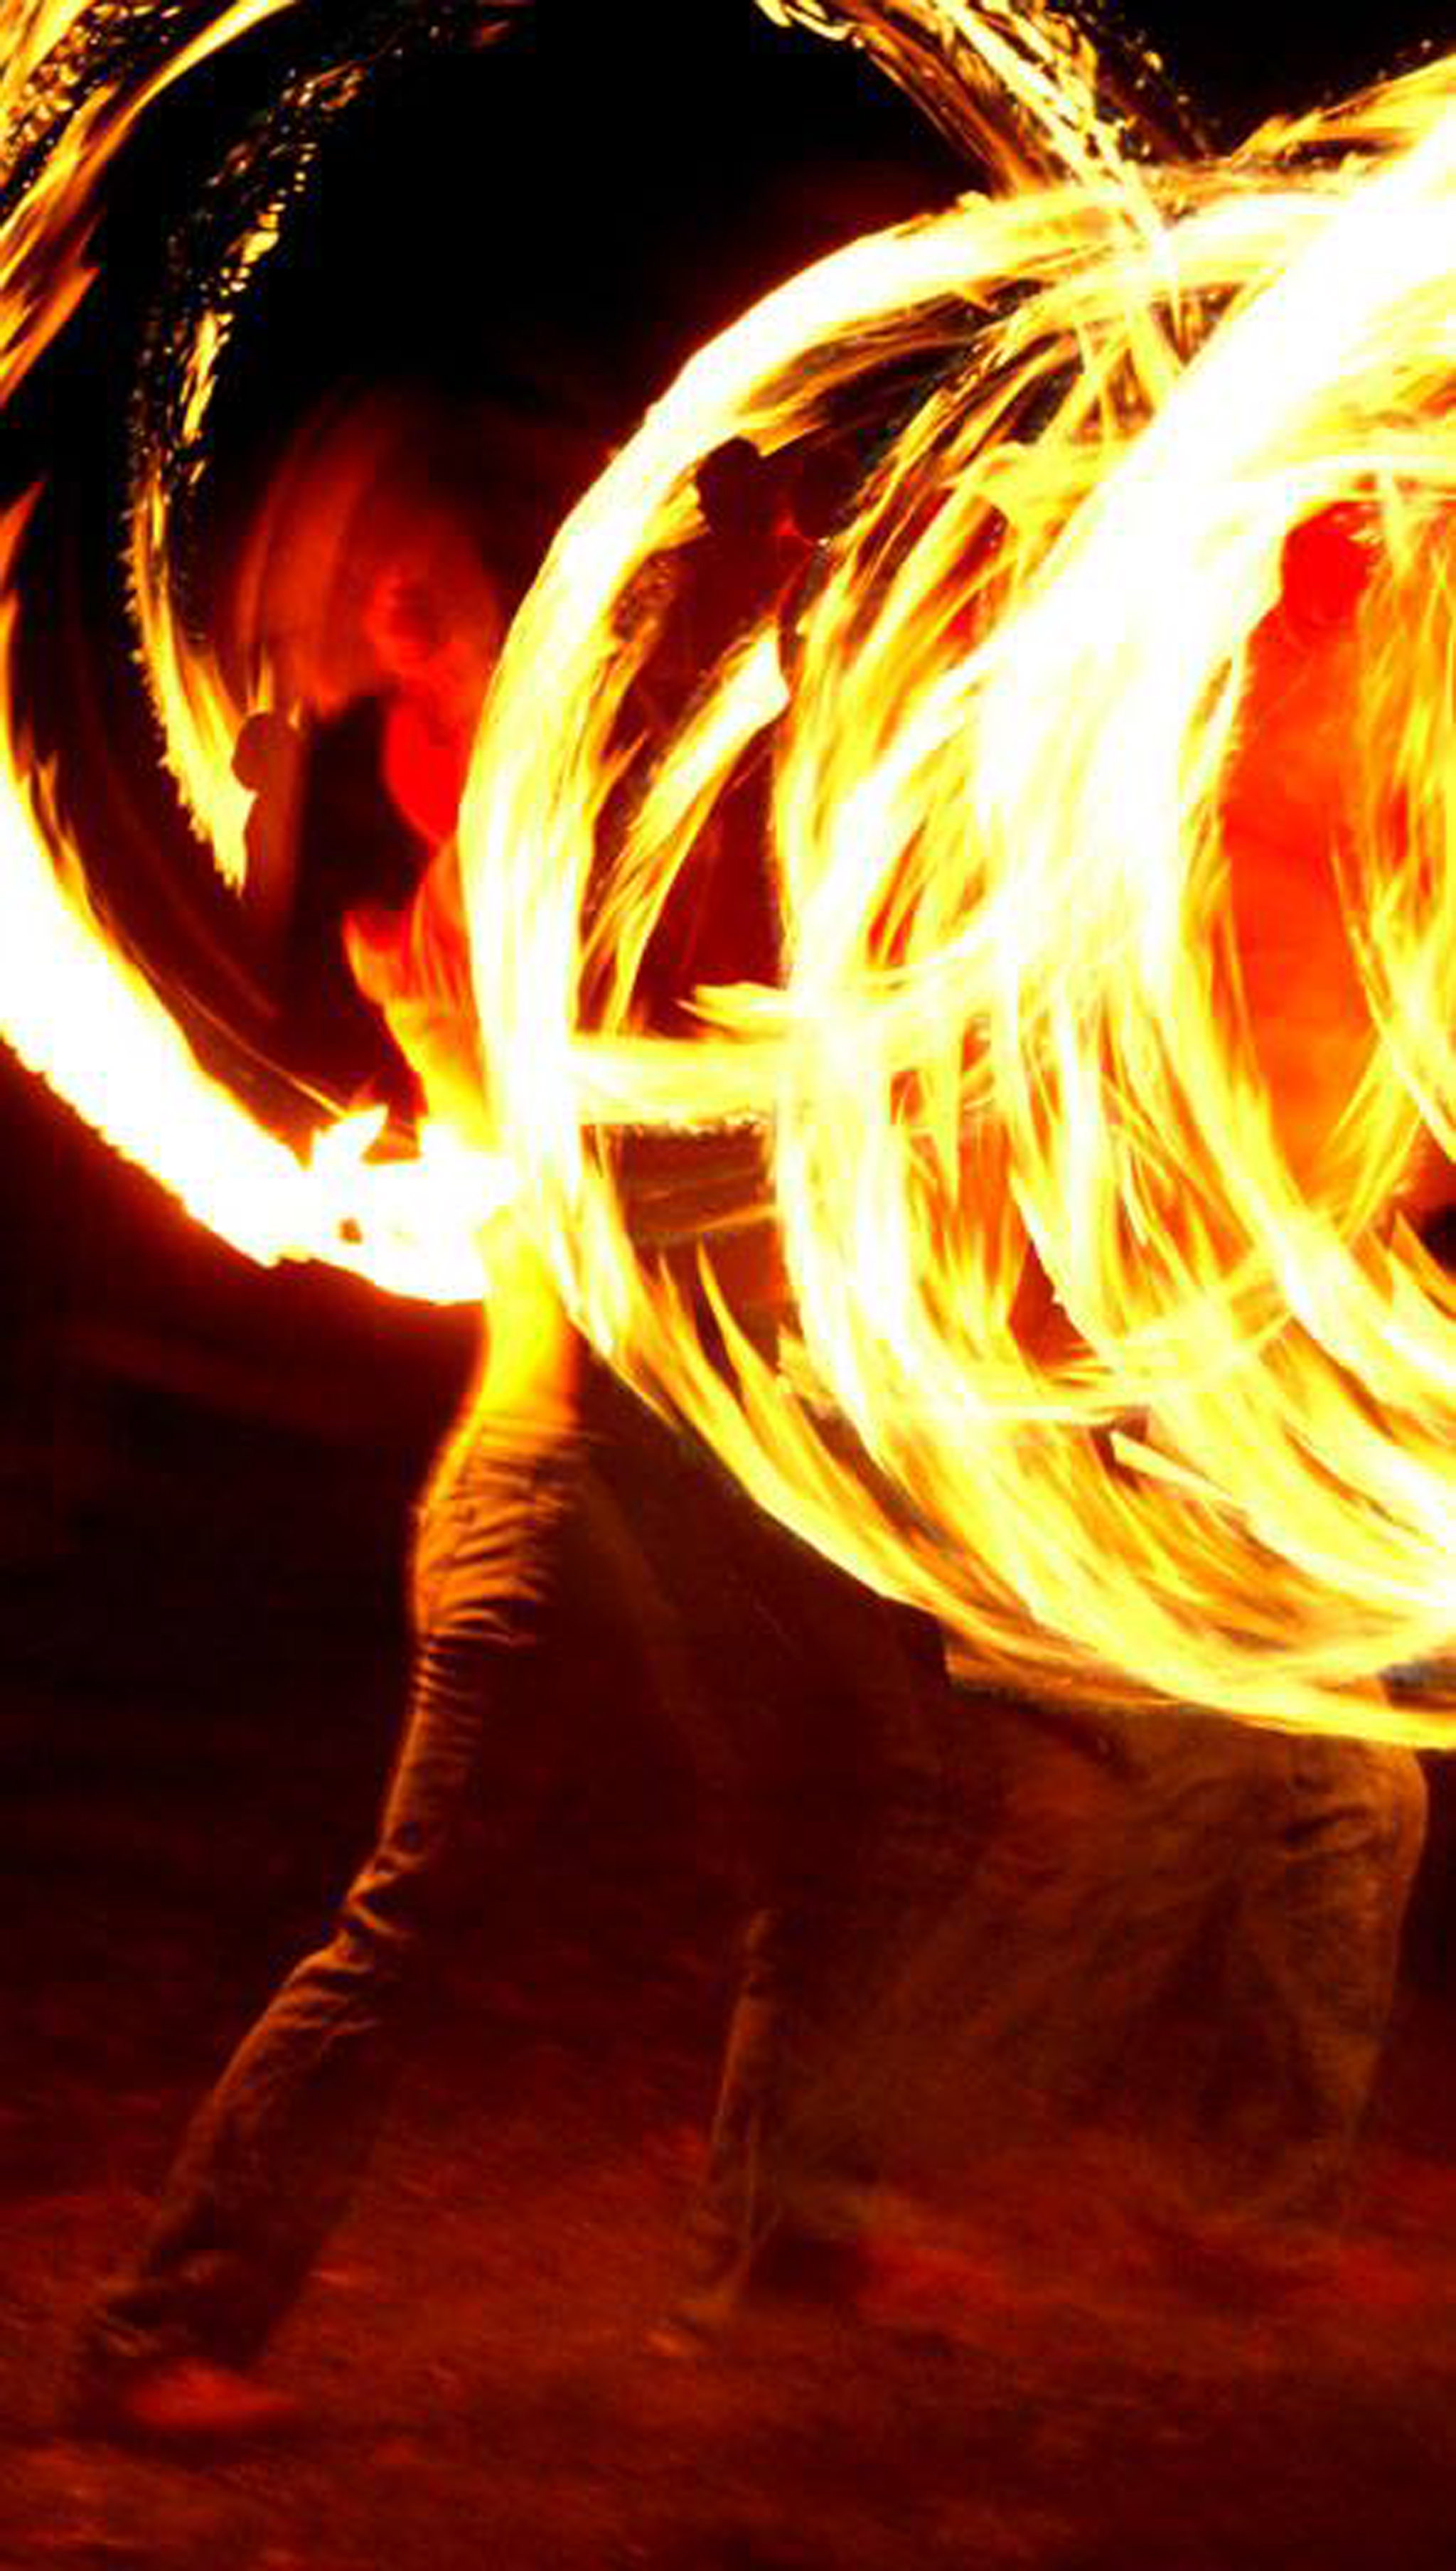 fire-lg.jpg